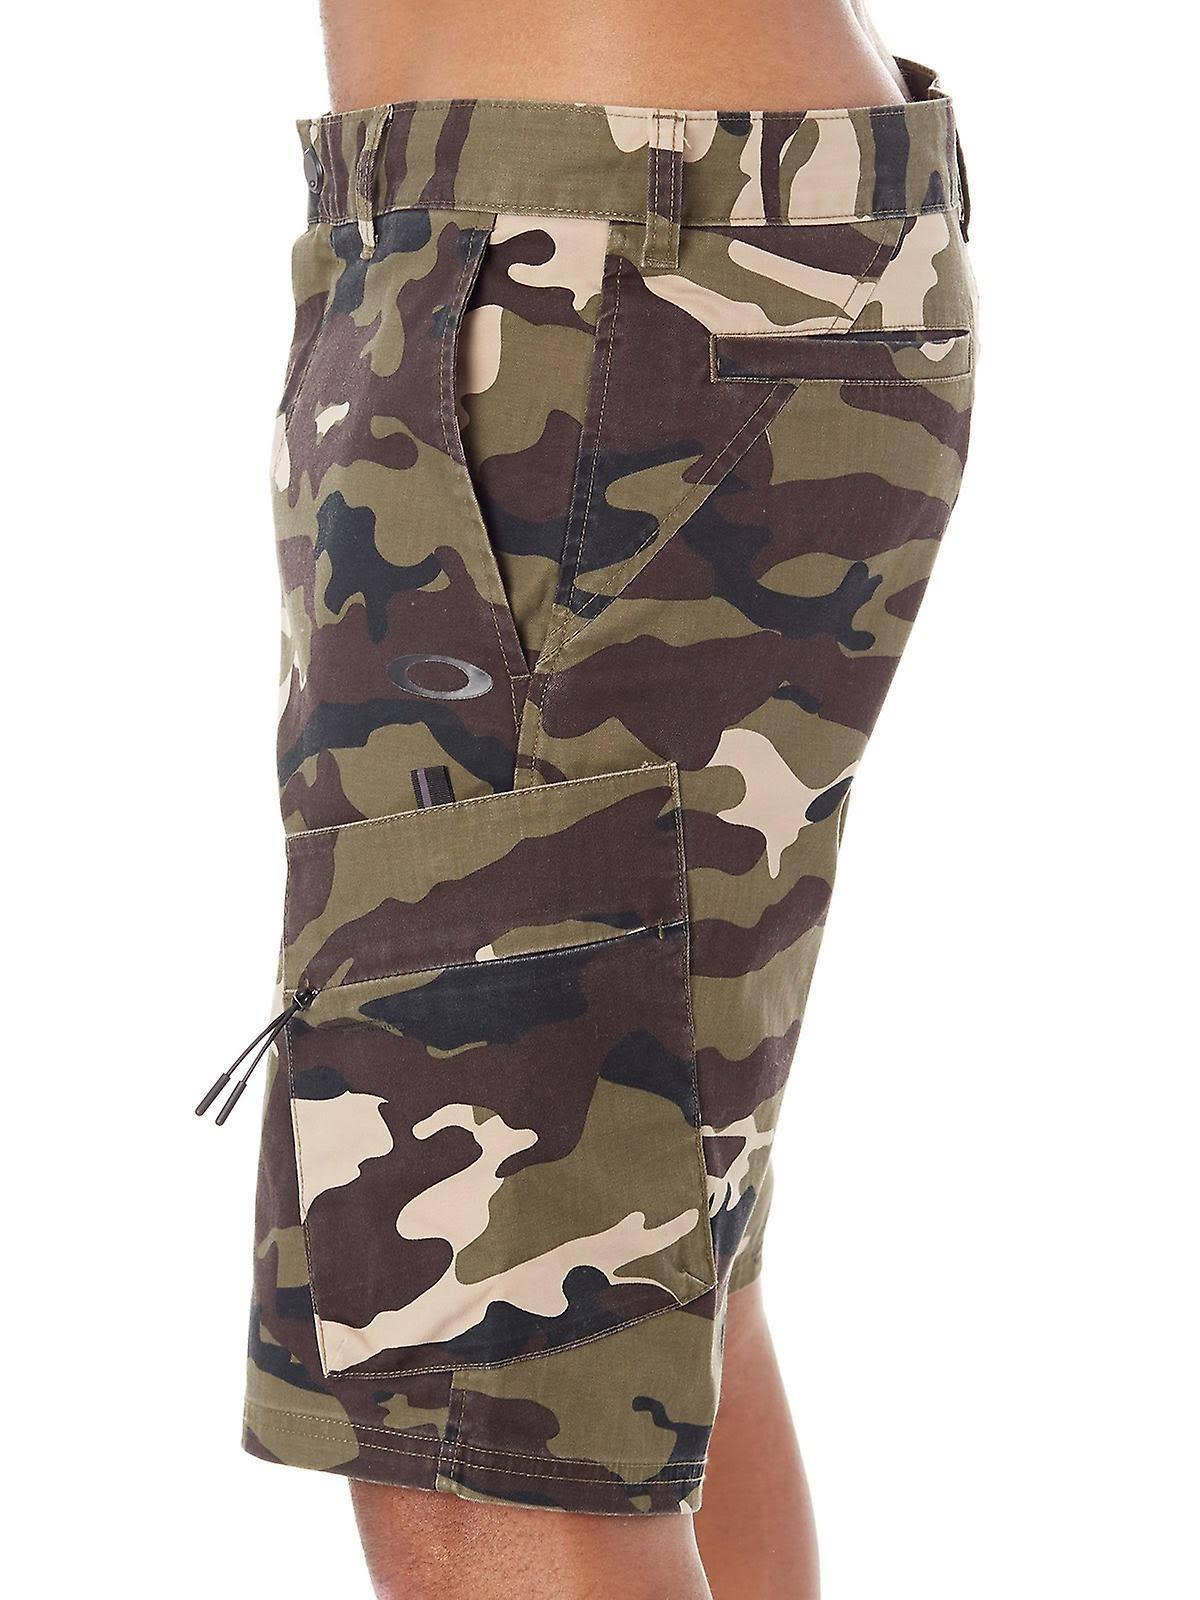 OAKLEY Cargo Short Core Camo 2018 - Shorts - 40 - Brown/Green